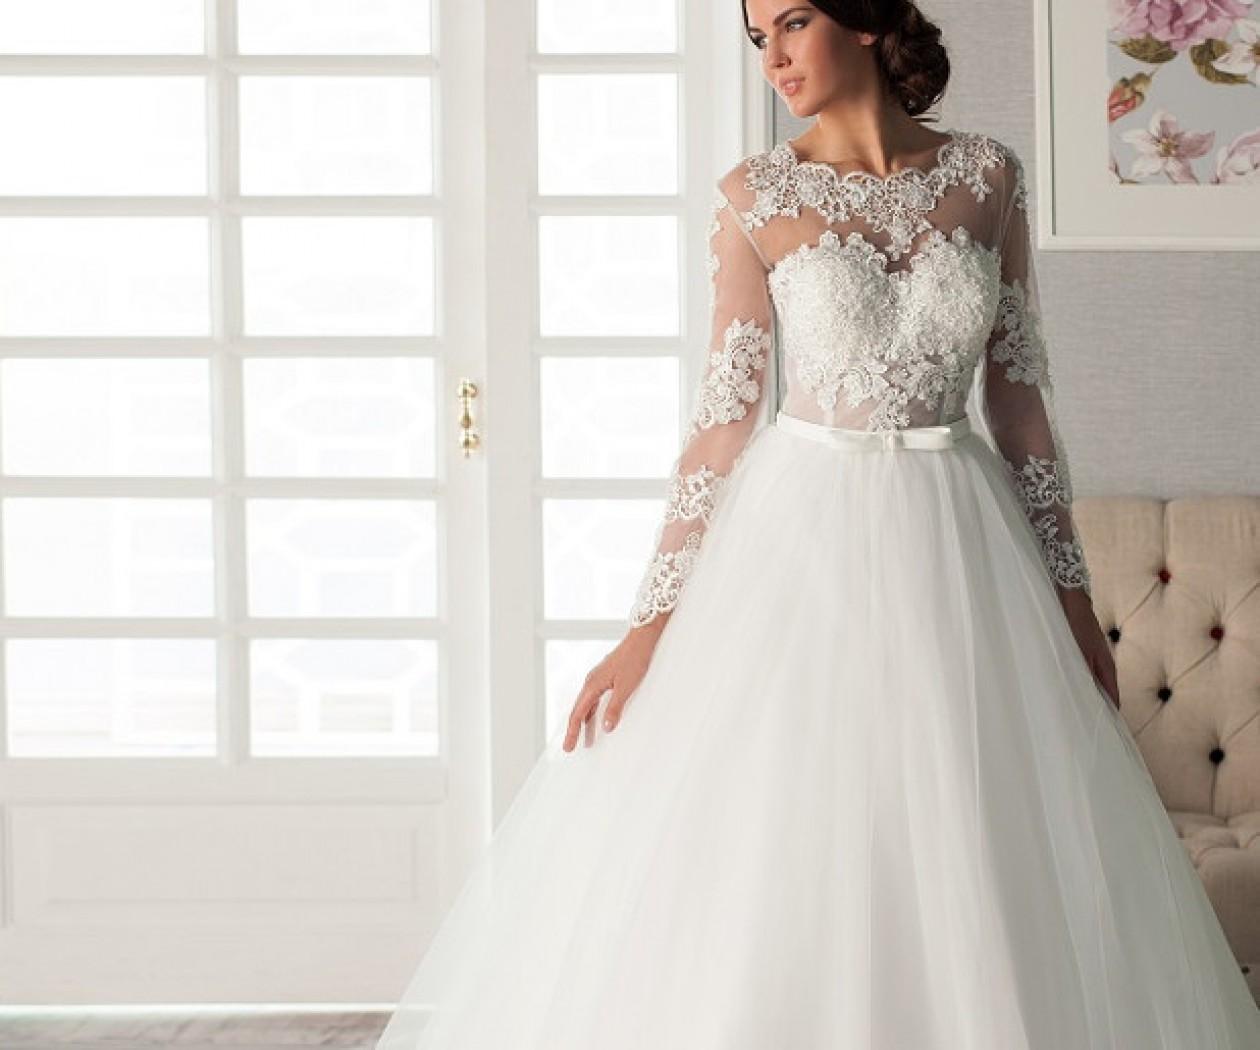 c32b2a1ba684c39 Как выбрать свадебное платье с кружевными рукавами: с короткими или ...